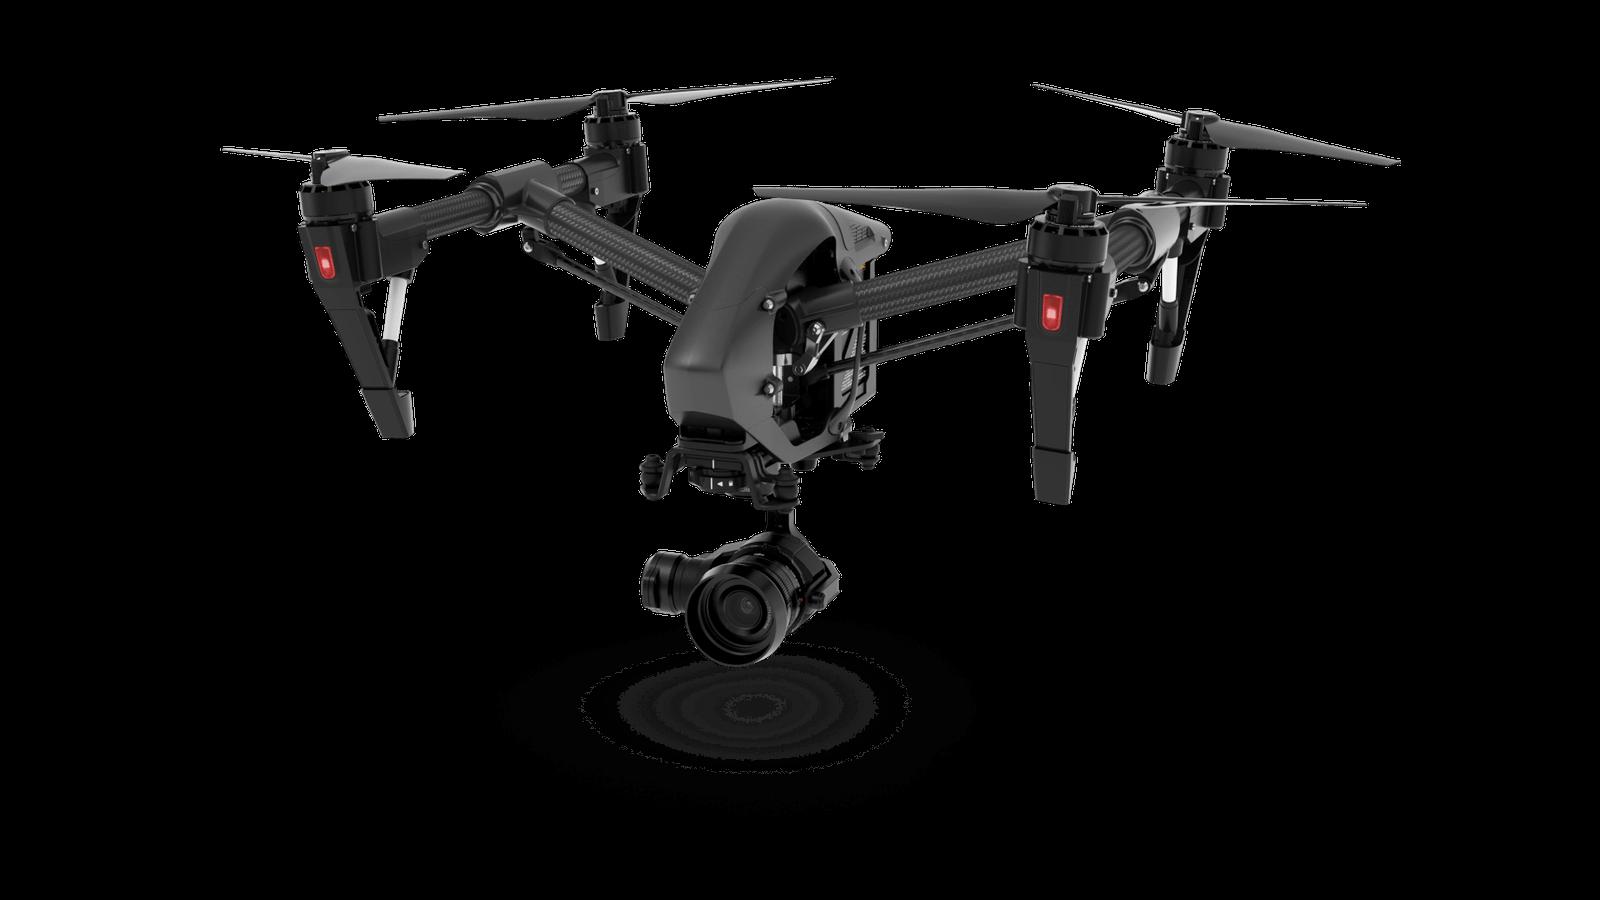 Dji Drone transparent PNG.